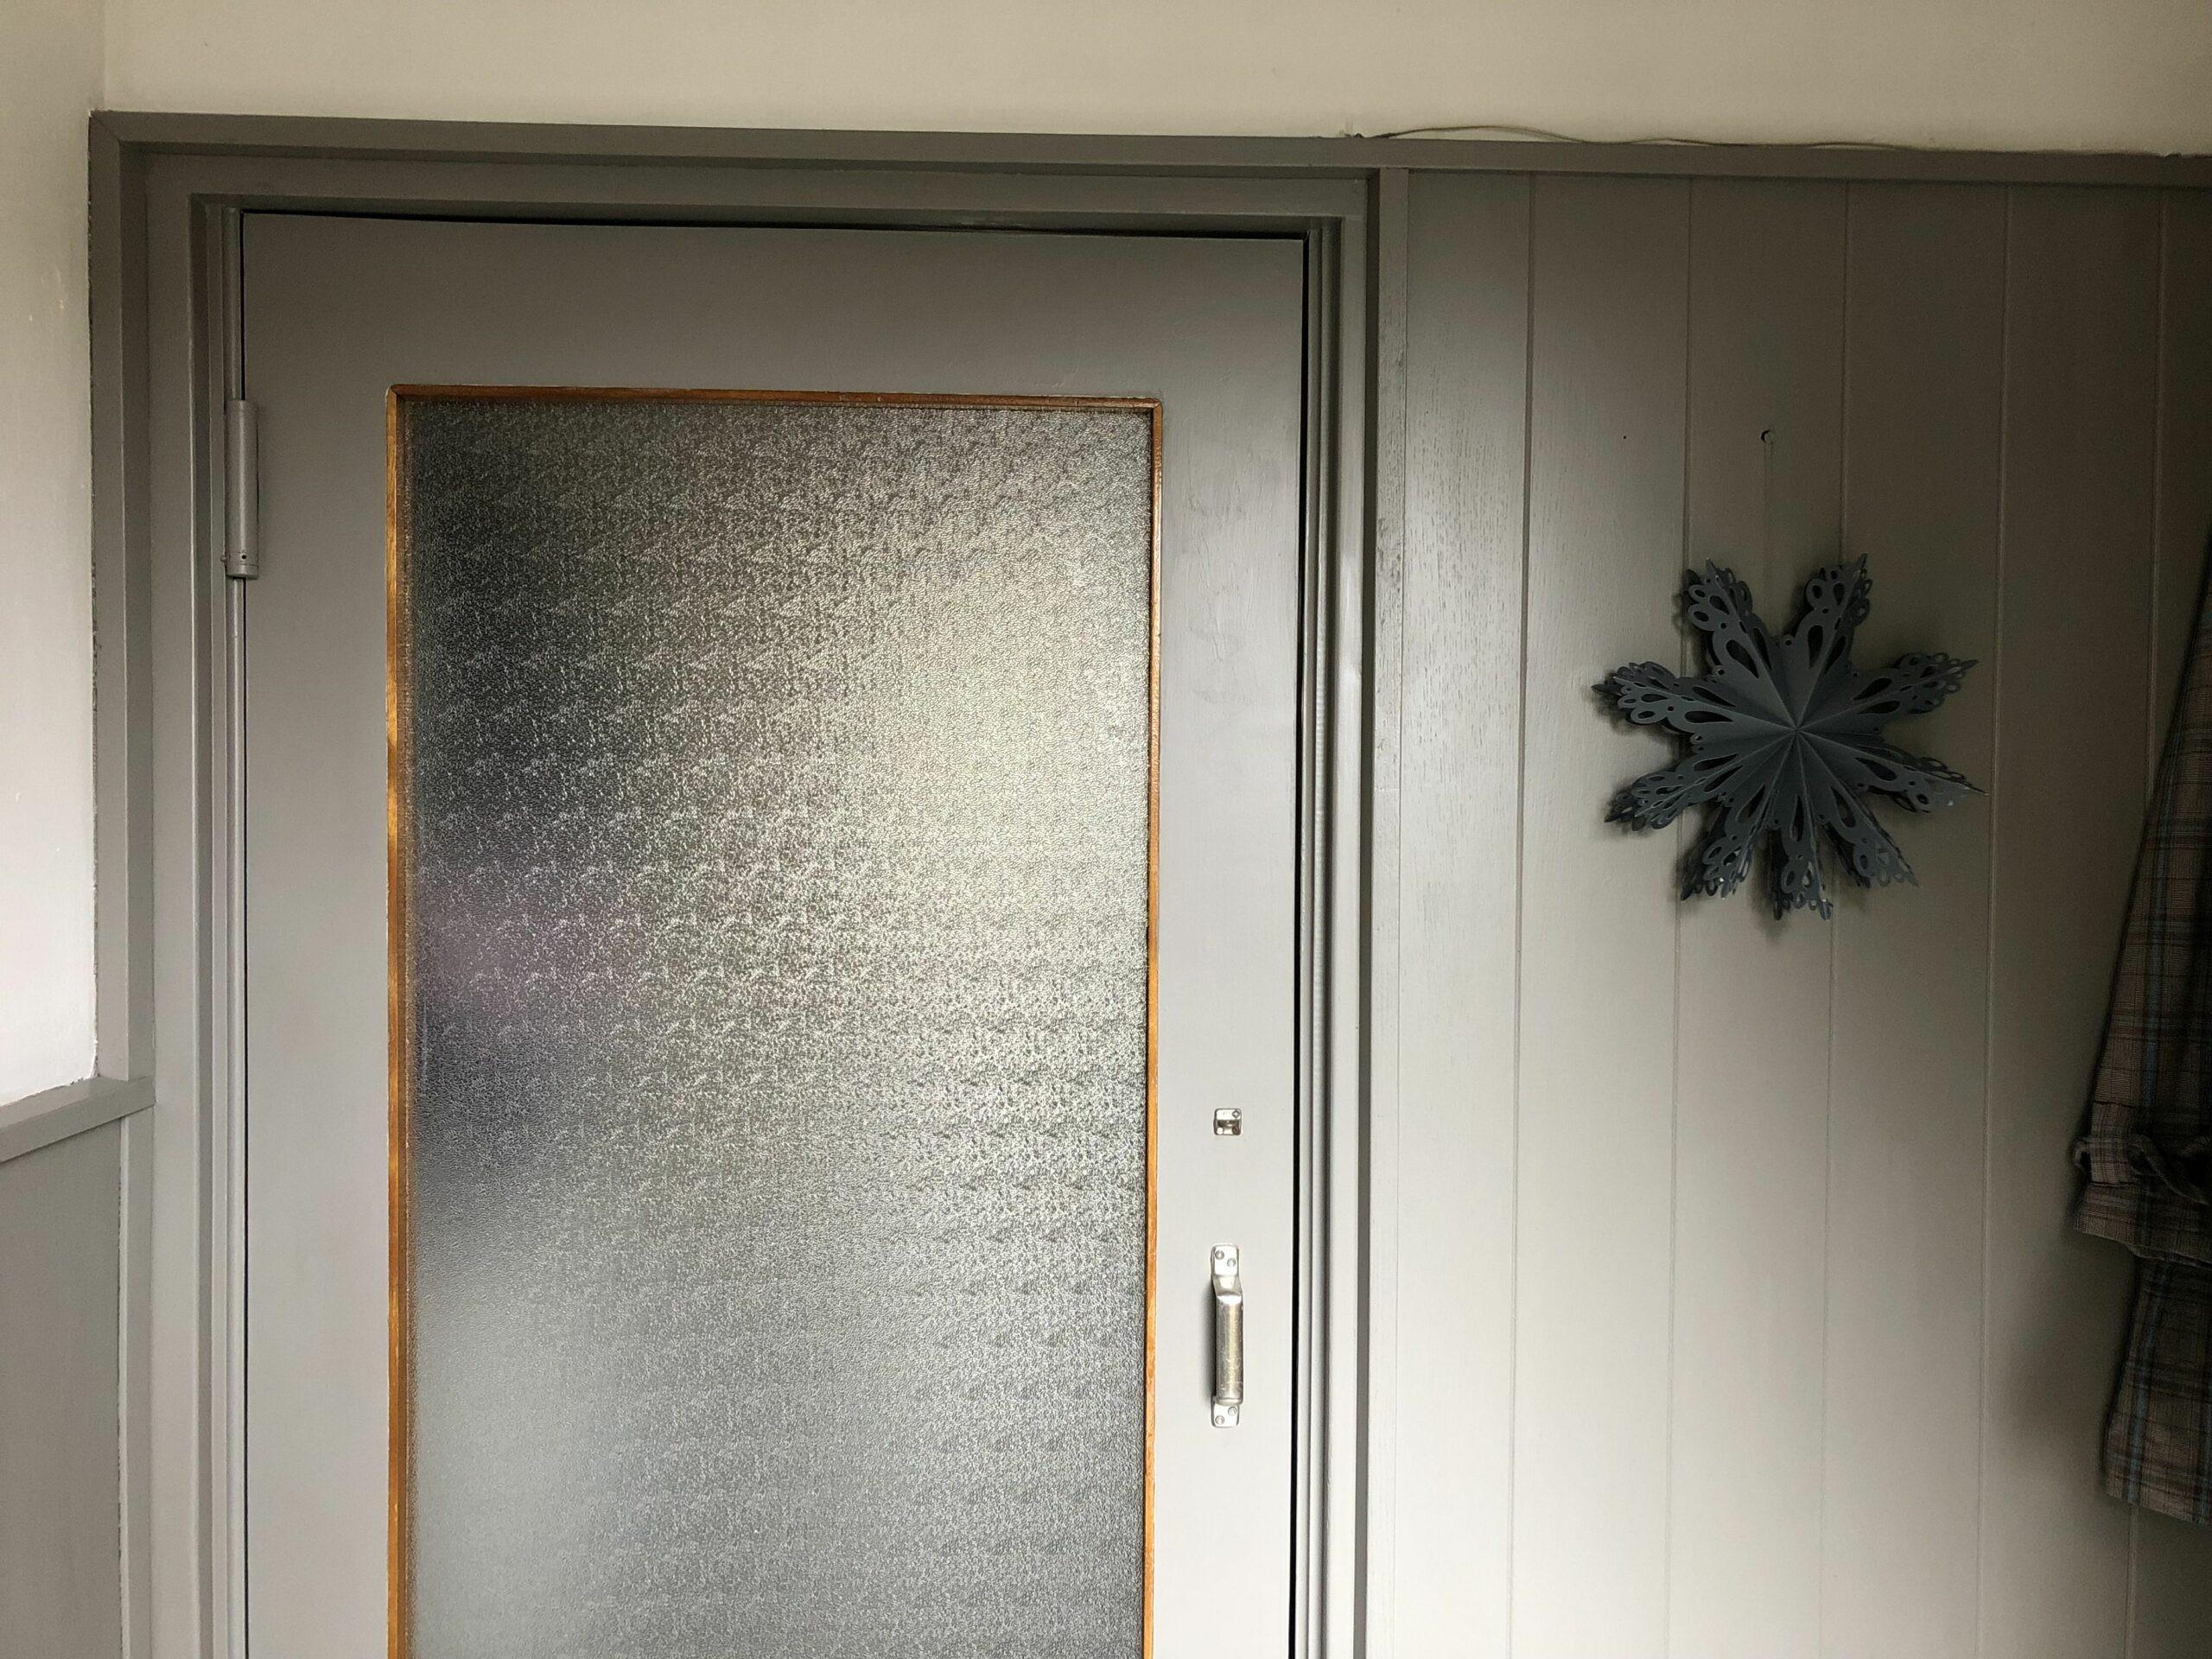 Flurrenovierung - alles wird grau